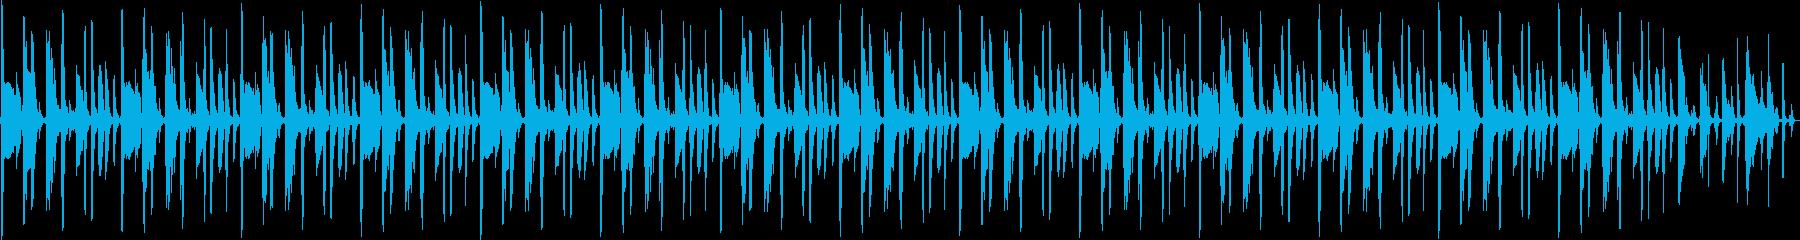 シンキングタイム(ラテン系、30秒)の再生済みの波形